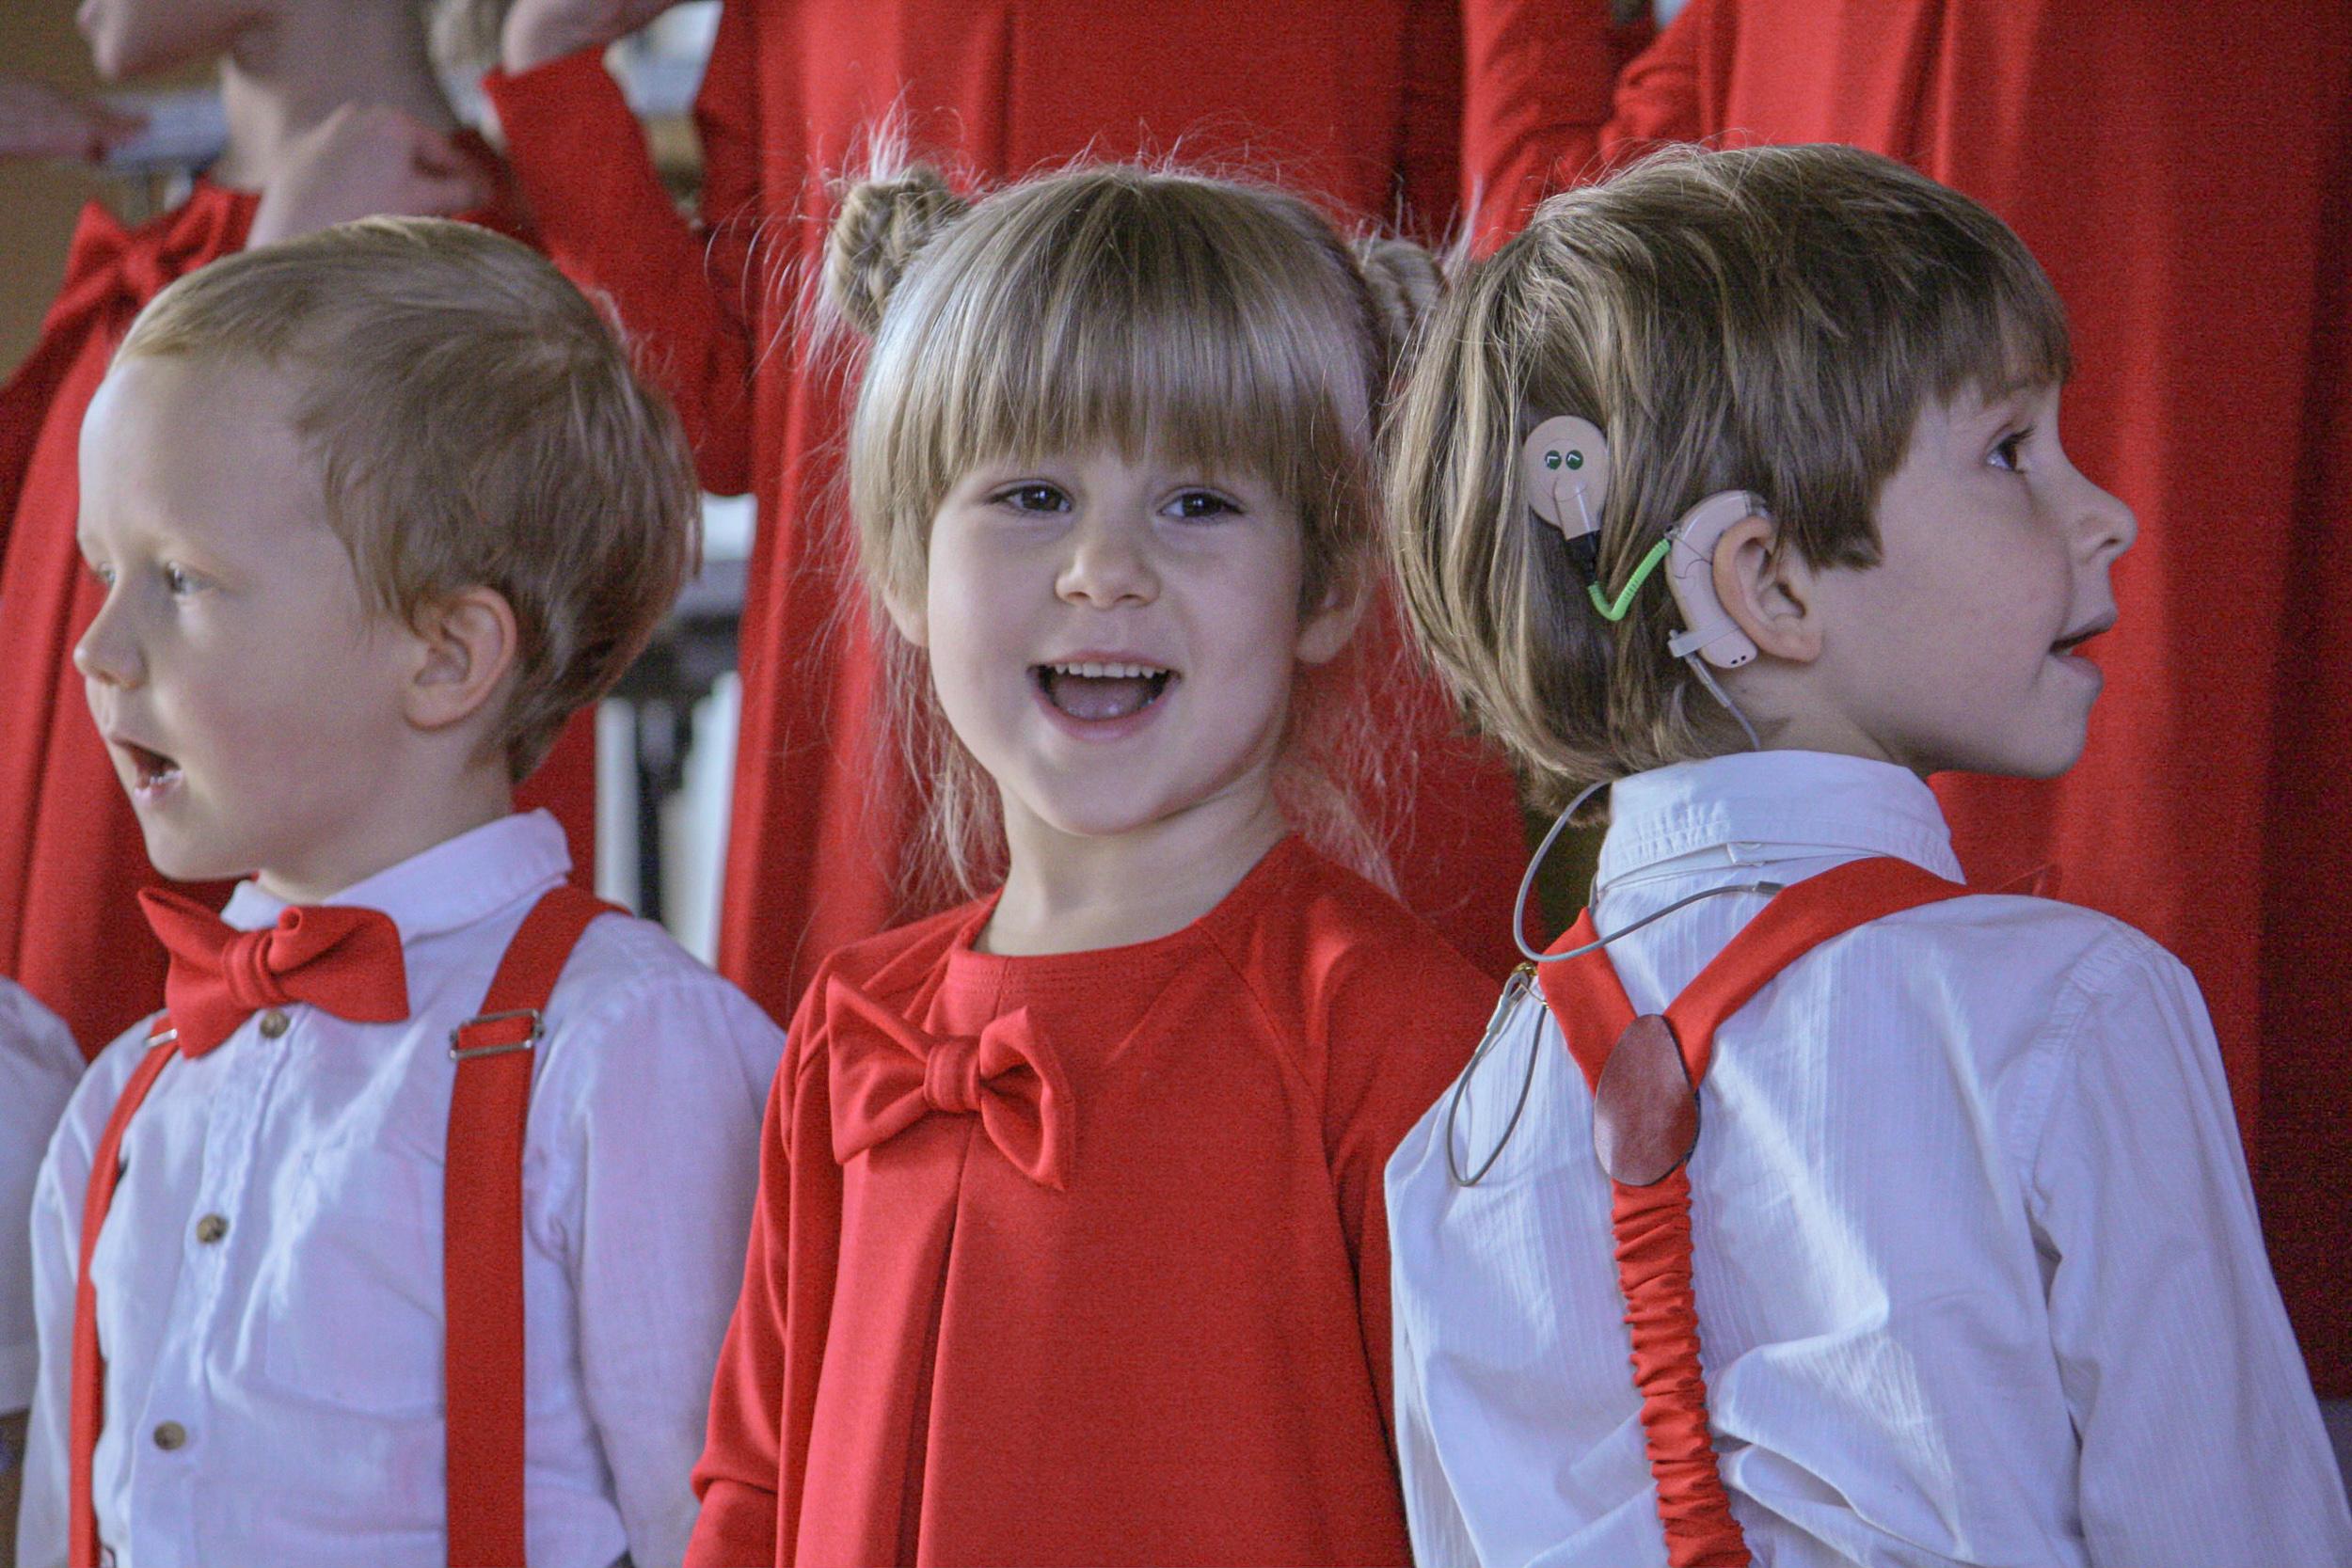 Ieva Krivickaite, Litva: Začetek, 2019, Glasbena šola Ugnele, Litva - Glasbena šola Ugnele je zasebna zborovska šola v Vilni, Litva. Najmlajši pevci v glasbeni šoli so stari tri leta, vendar že samostojno nastopajo. Šola veliko pozornosti namenja pozitivnemu pristopu k izobraževanju, saj poskuša pri učencih poleg glasbe razvijati tudi čustveno inteligenco.